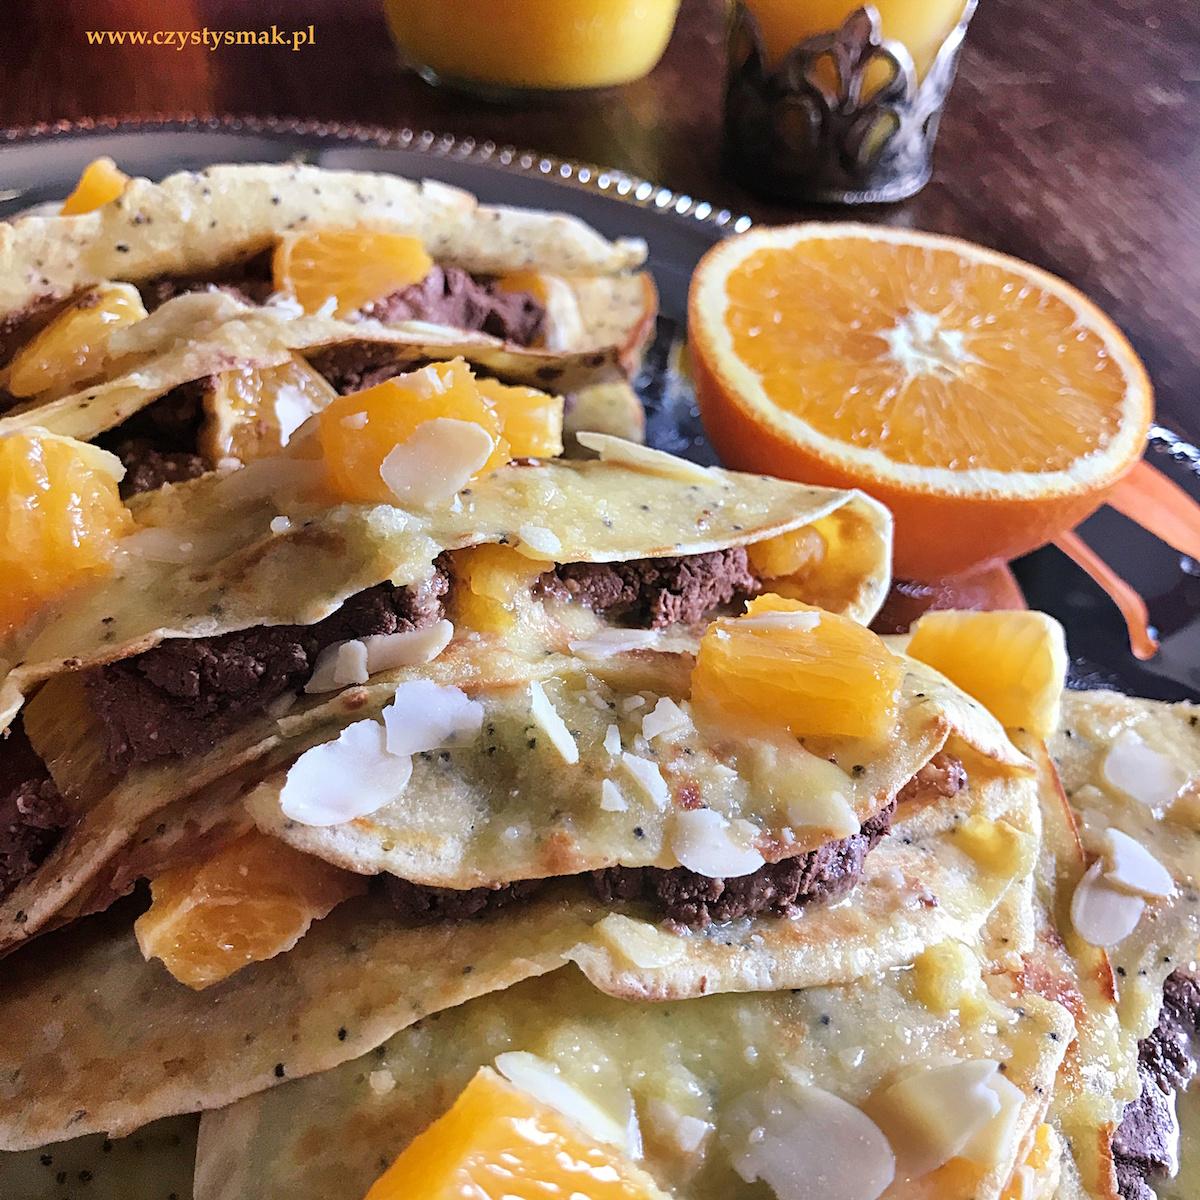 Naleśniki makowe z pomarańczami i czekoladową ricottą